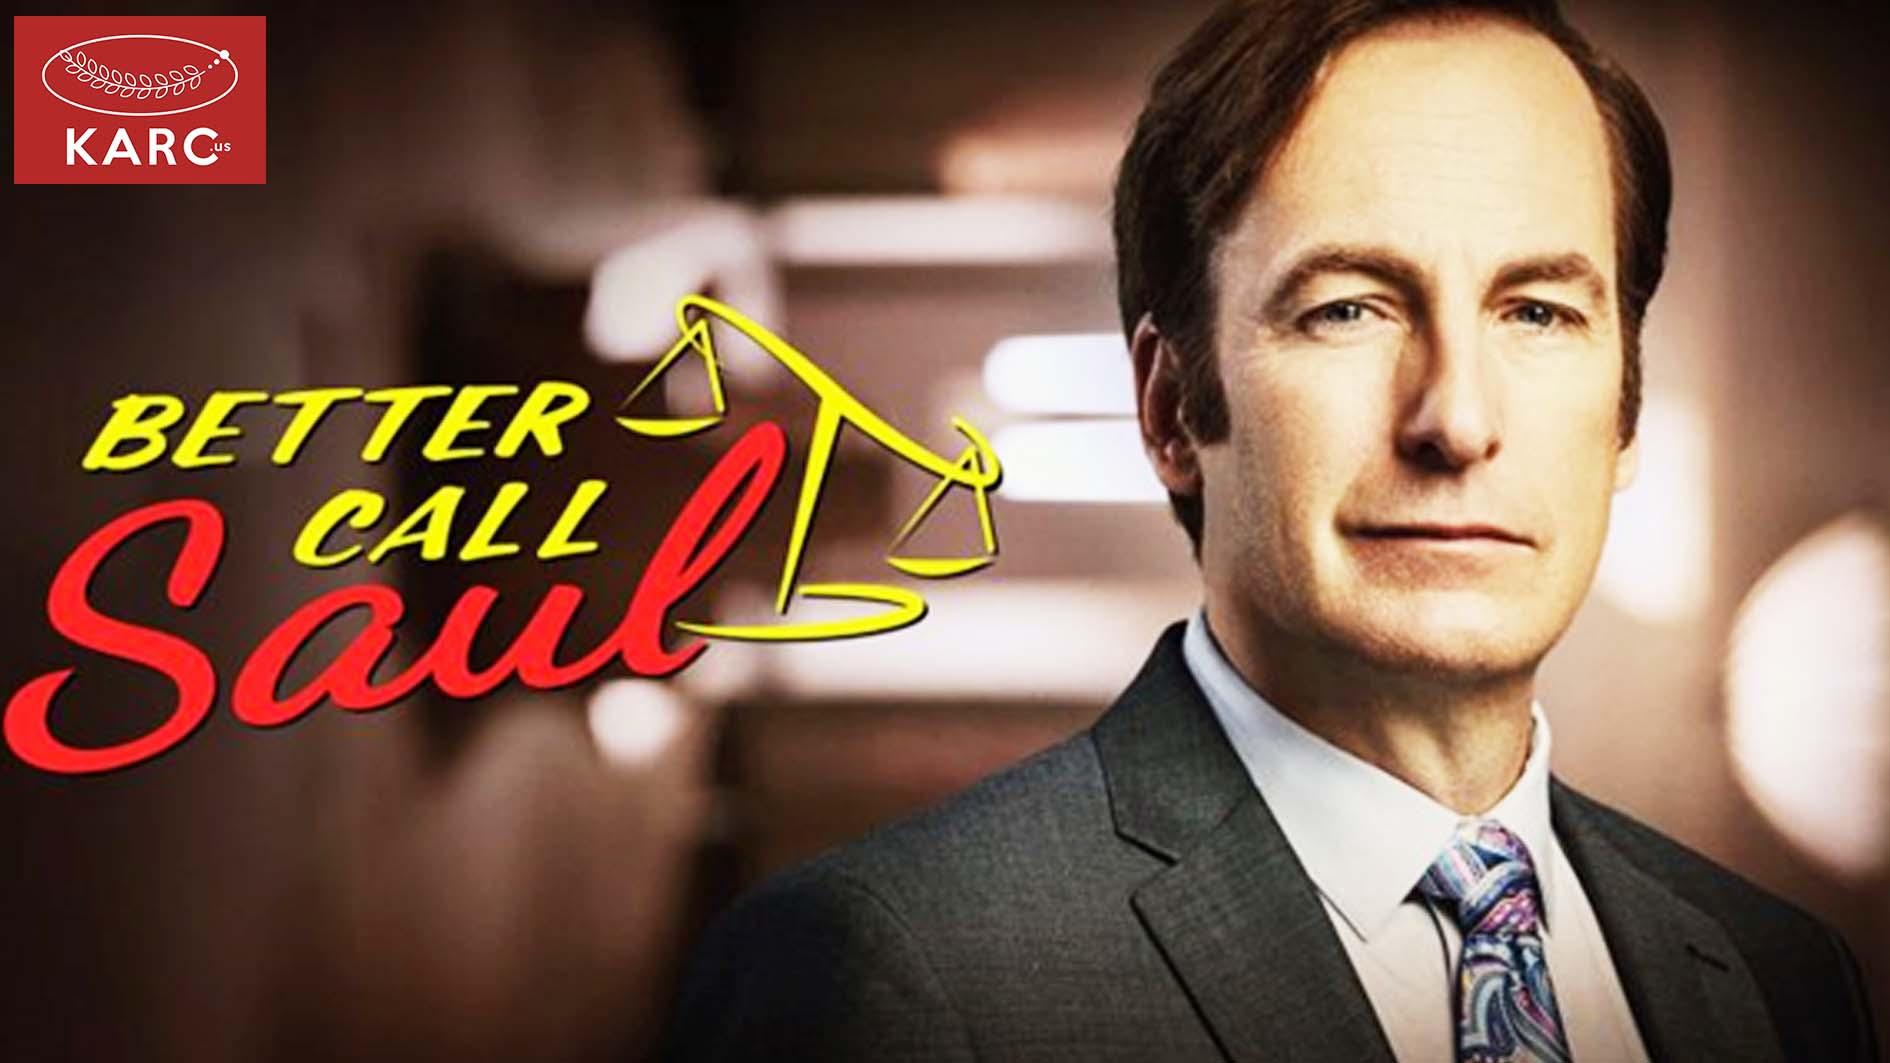 รีวิวซี่รี่ย์ Netflix Better Call Saul รับแก้ปัญหาอาชญากรรม karc.us , วงการภาพยนต์ , แนะนำหนังดี , แนะนำหนังน่าดูหนังน่าดู , รีวิวหนังใหม่ , ก่อนตายต้องได้ดู! , ข่าวดารา , ข่าวเด่นประเด็นร้อน , รีวิวหนังใหม่ , หนังดังในอดีต